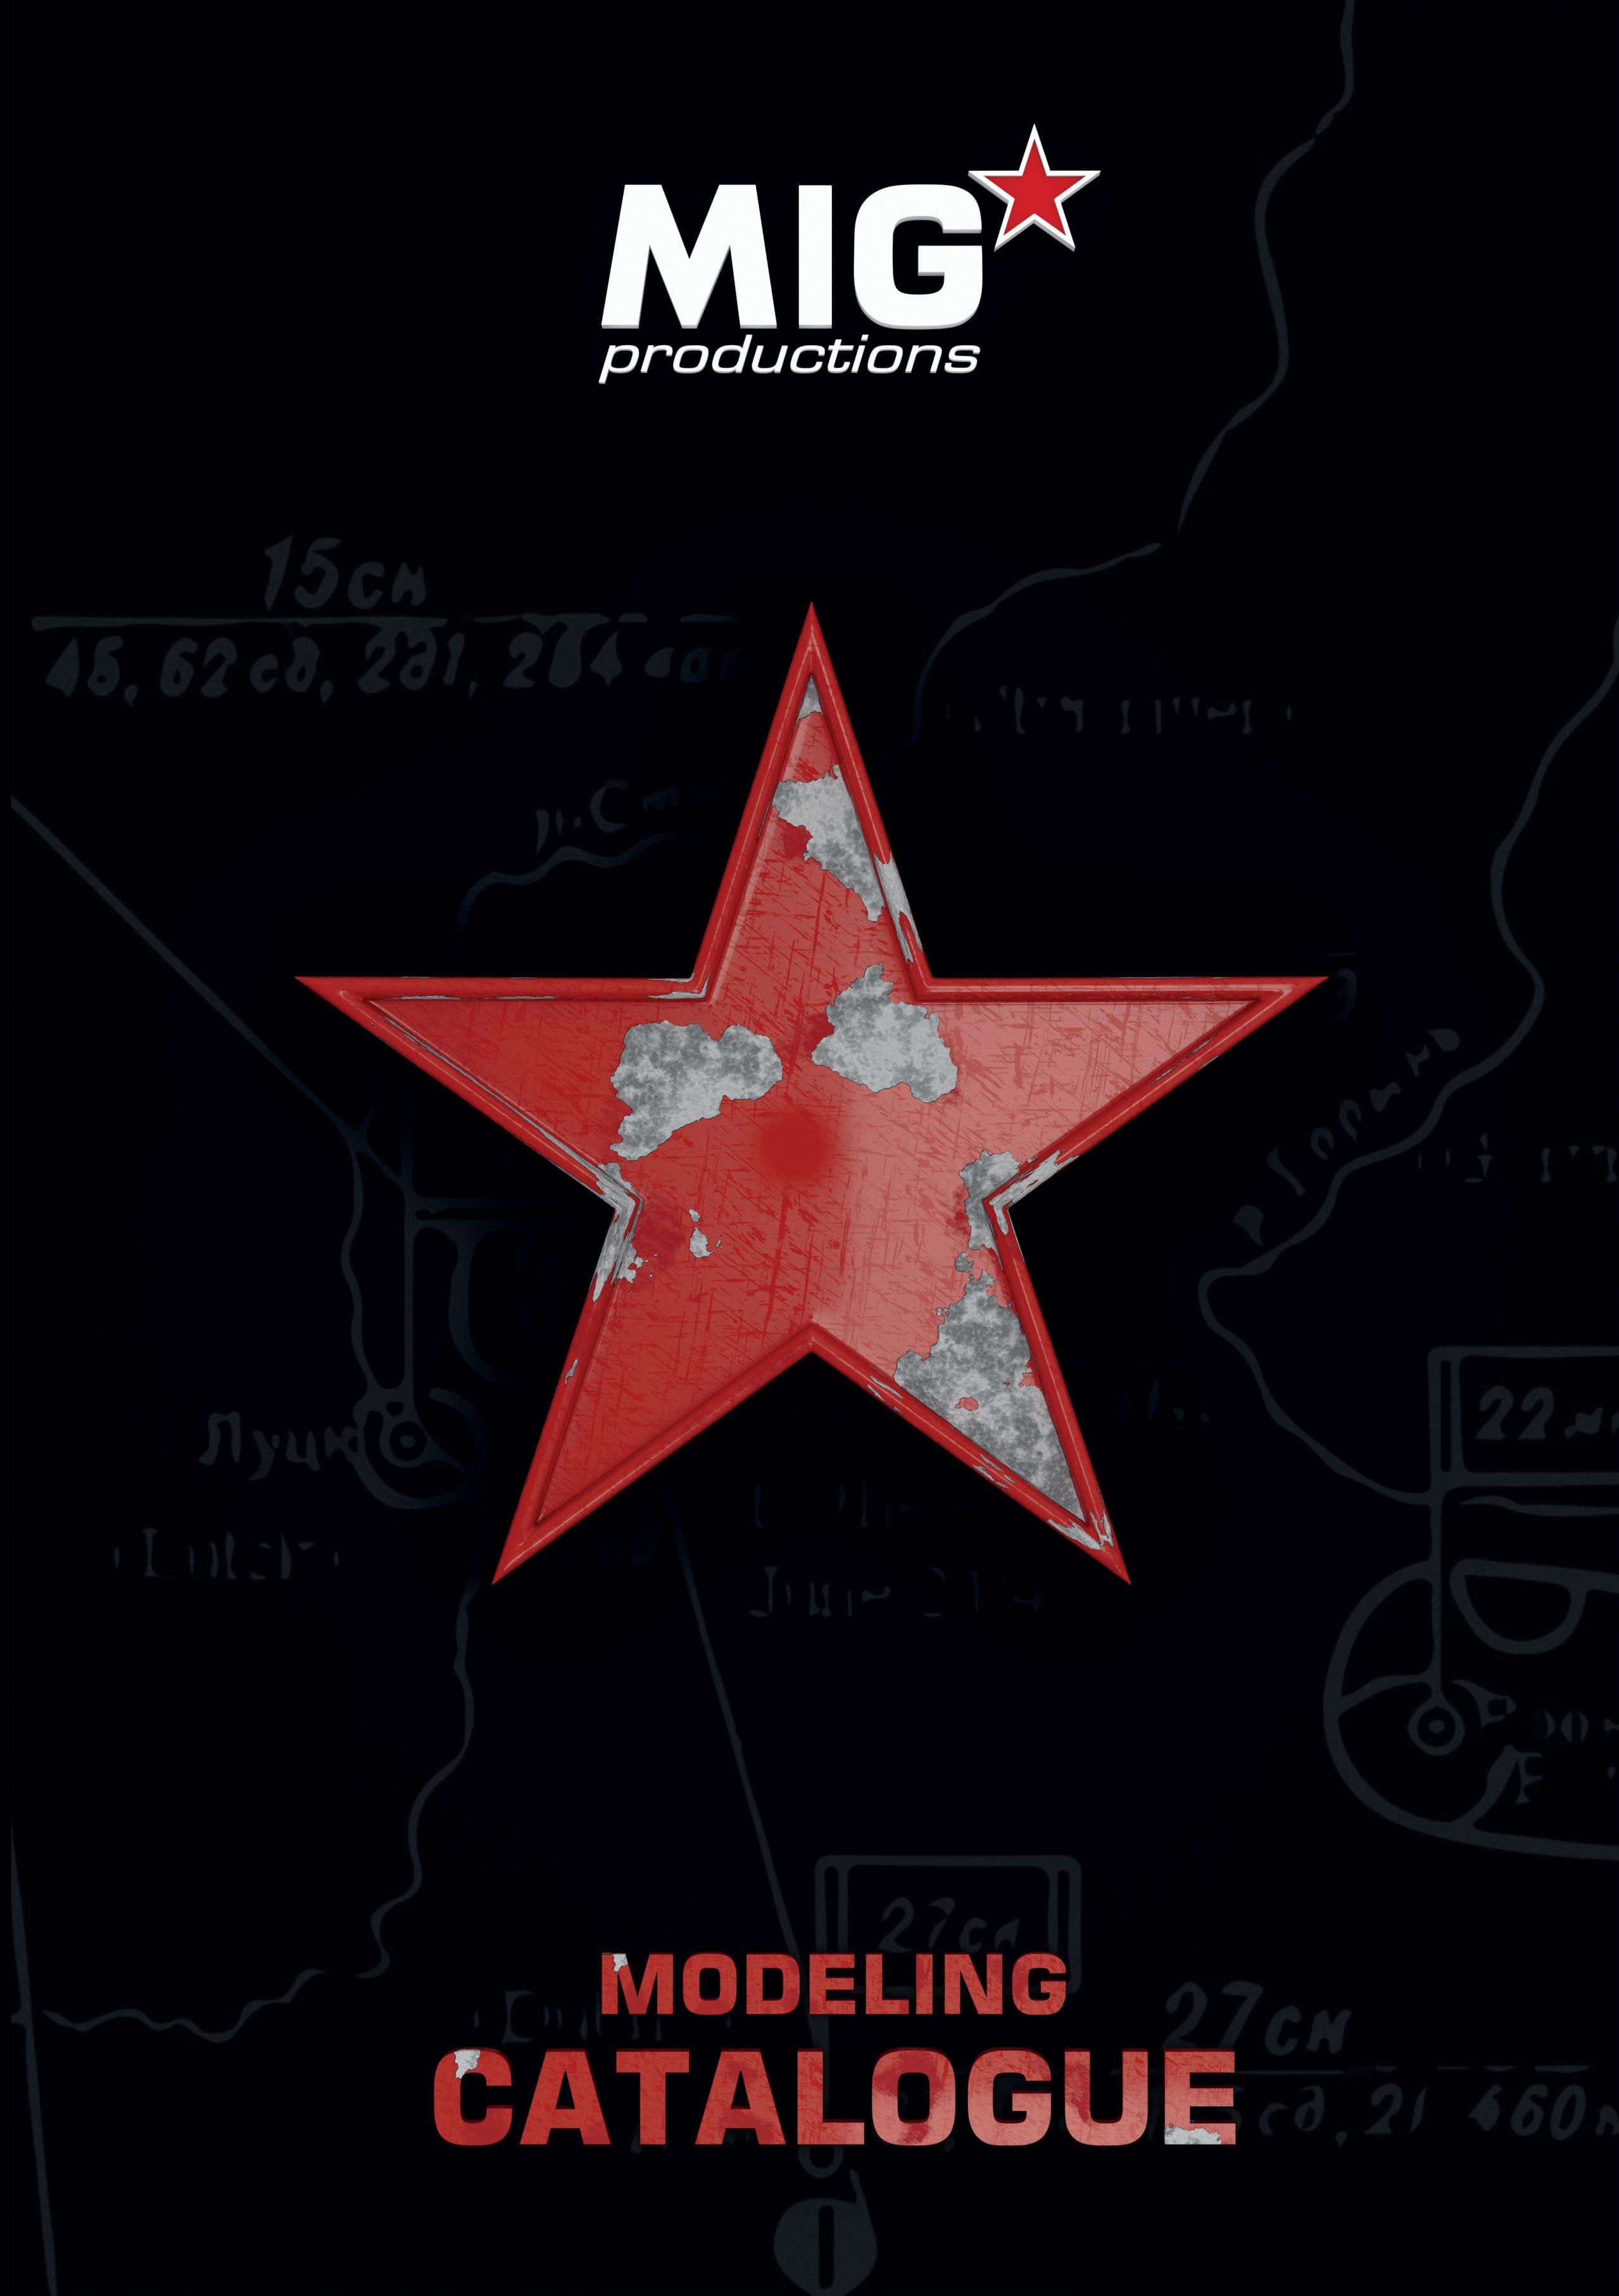 MIG-CATALOGO-2021-COVER